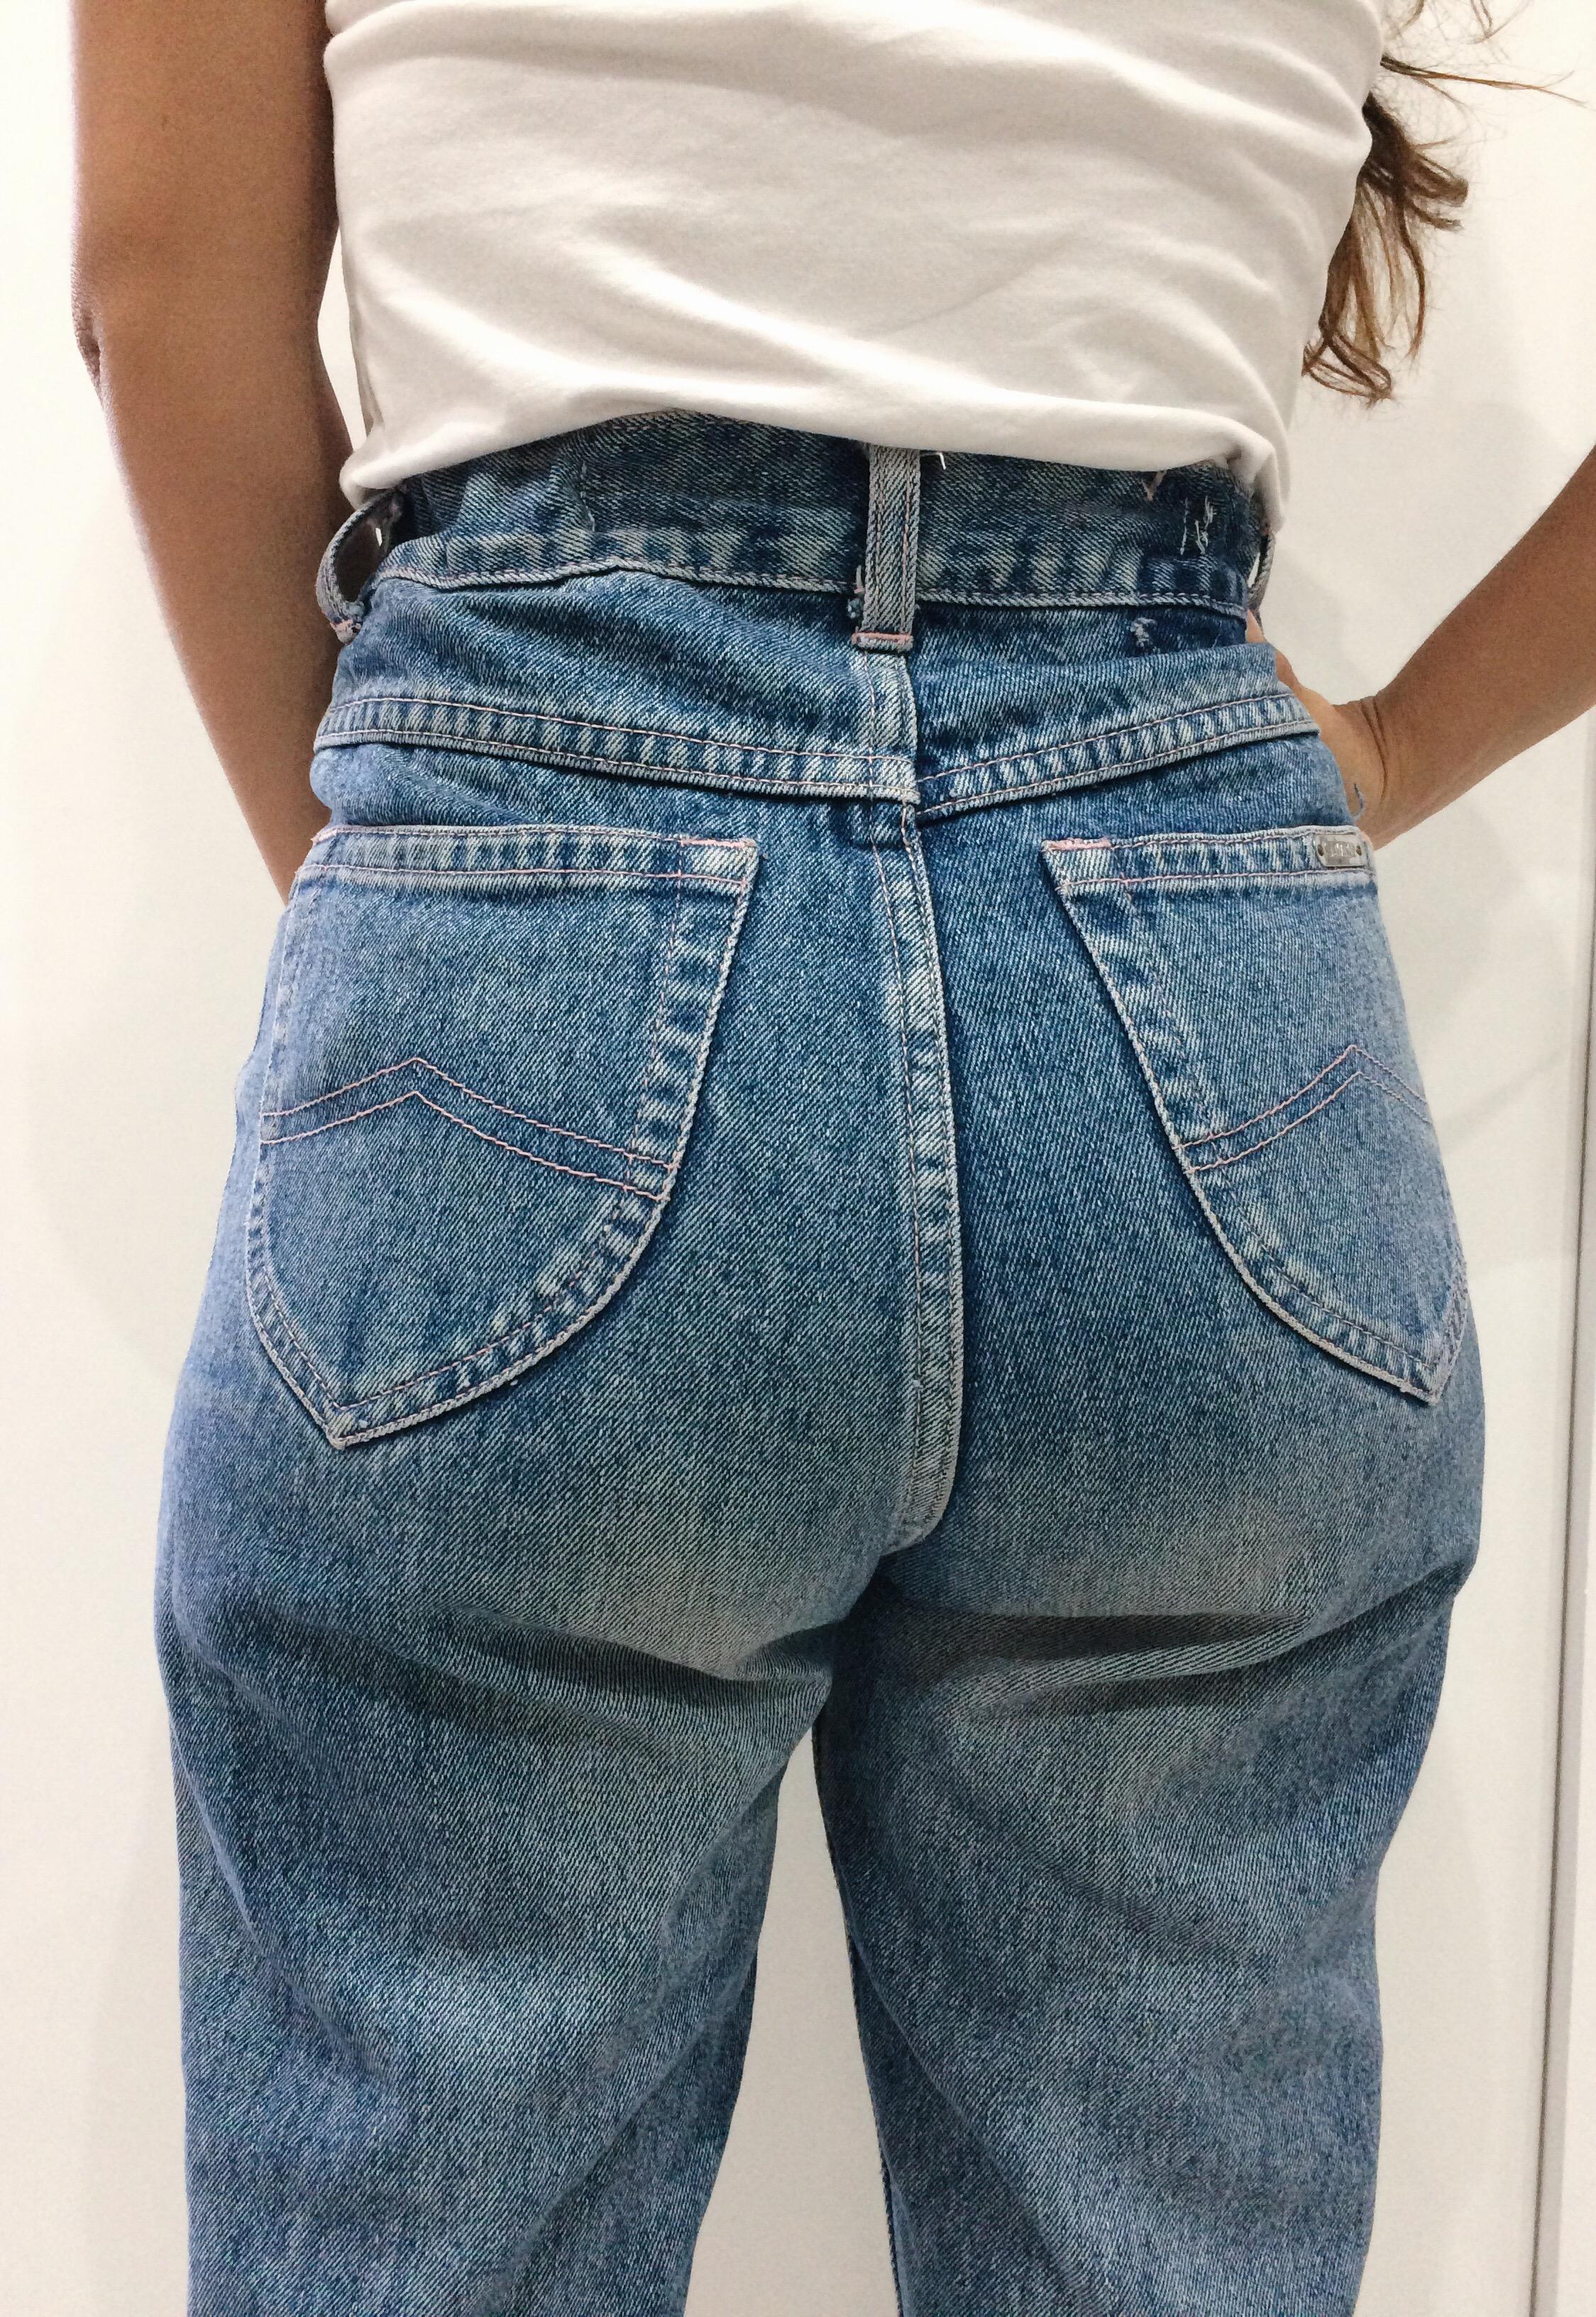 Dos Tips Fáciles Y Rápidos Para Arreglar Ajustar Pantalones En La Cintura Petite Trendy